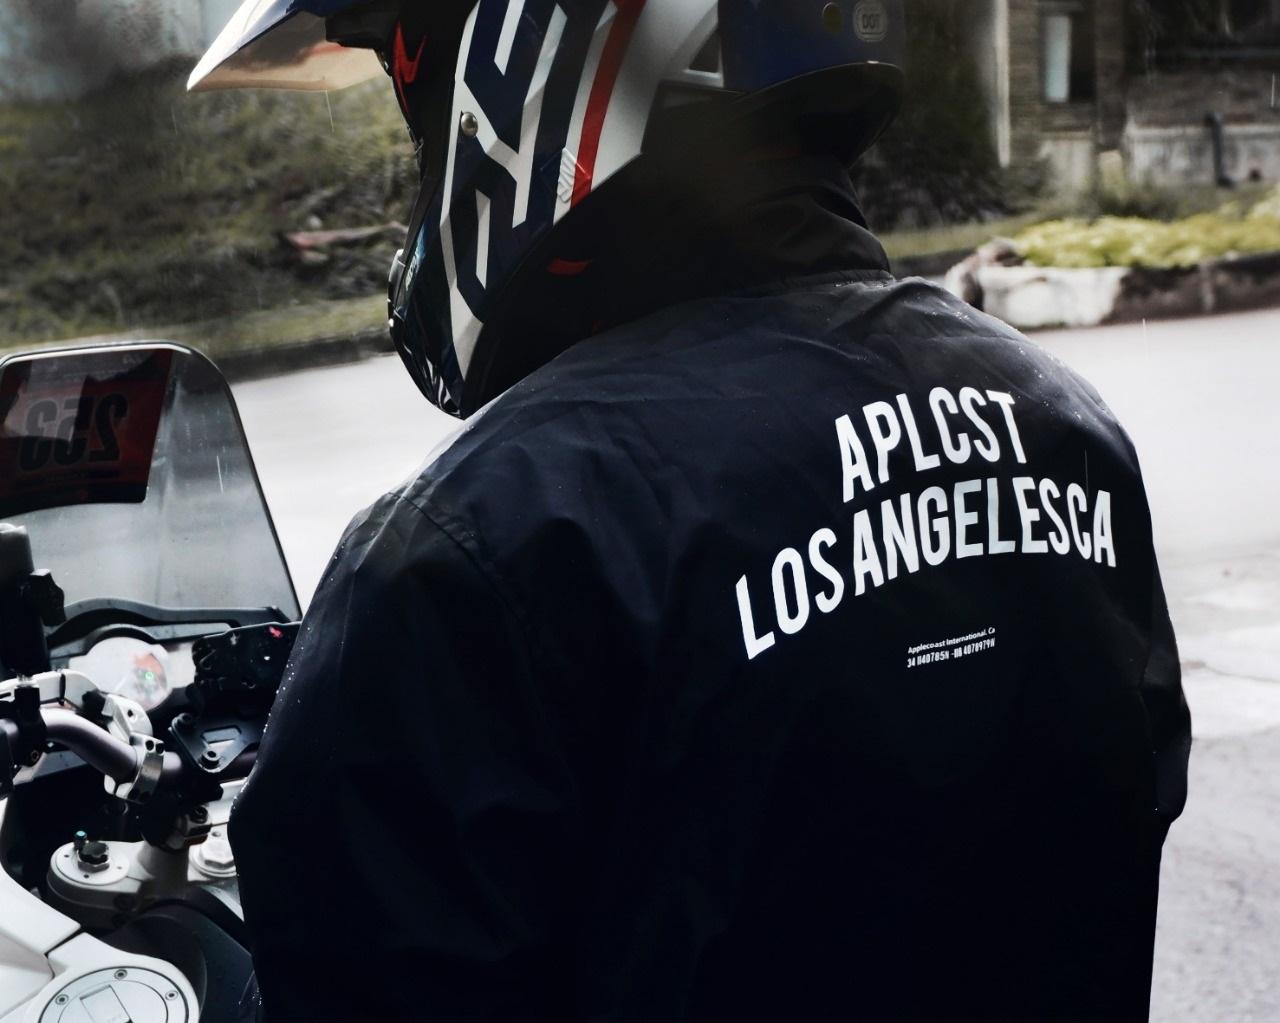 Applecoast Motowear